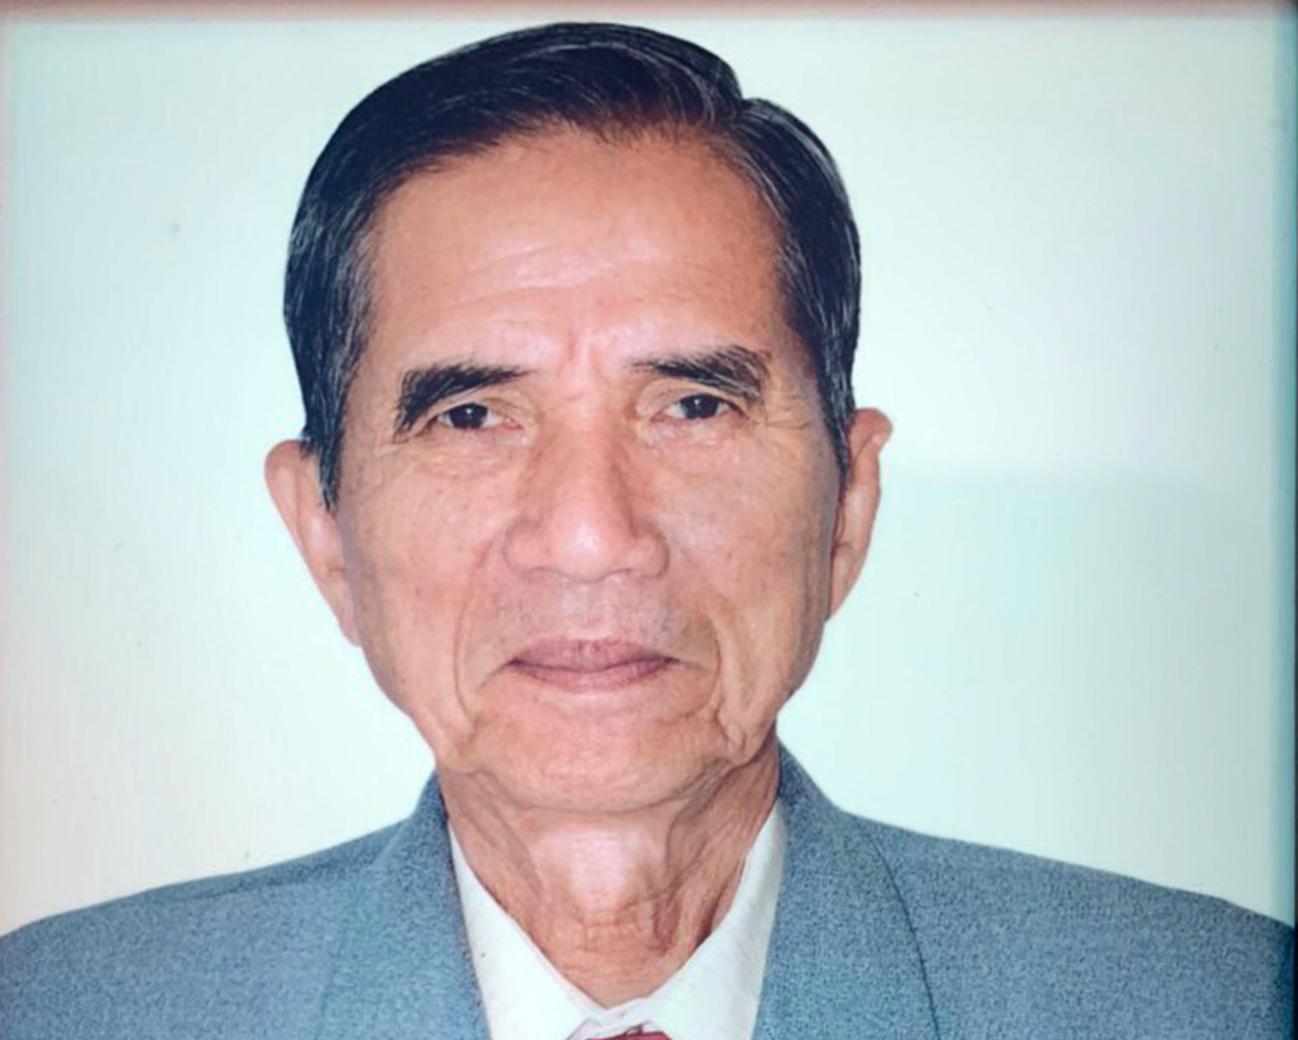 Vĩnh biệt Nhà báo Lê Hồng Châu – Người Tổng Biên tập luôn sát cánh cùng anh em phóng viên - Ảnh 1.